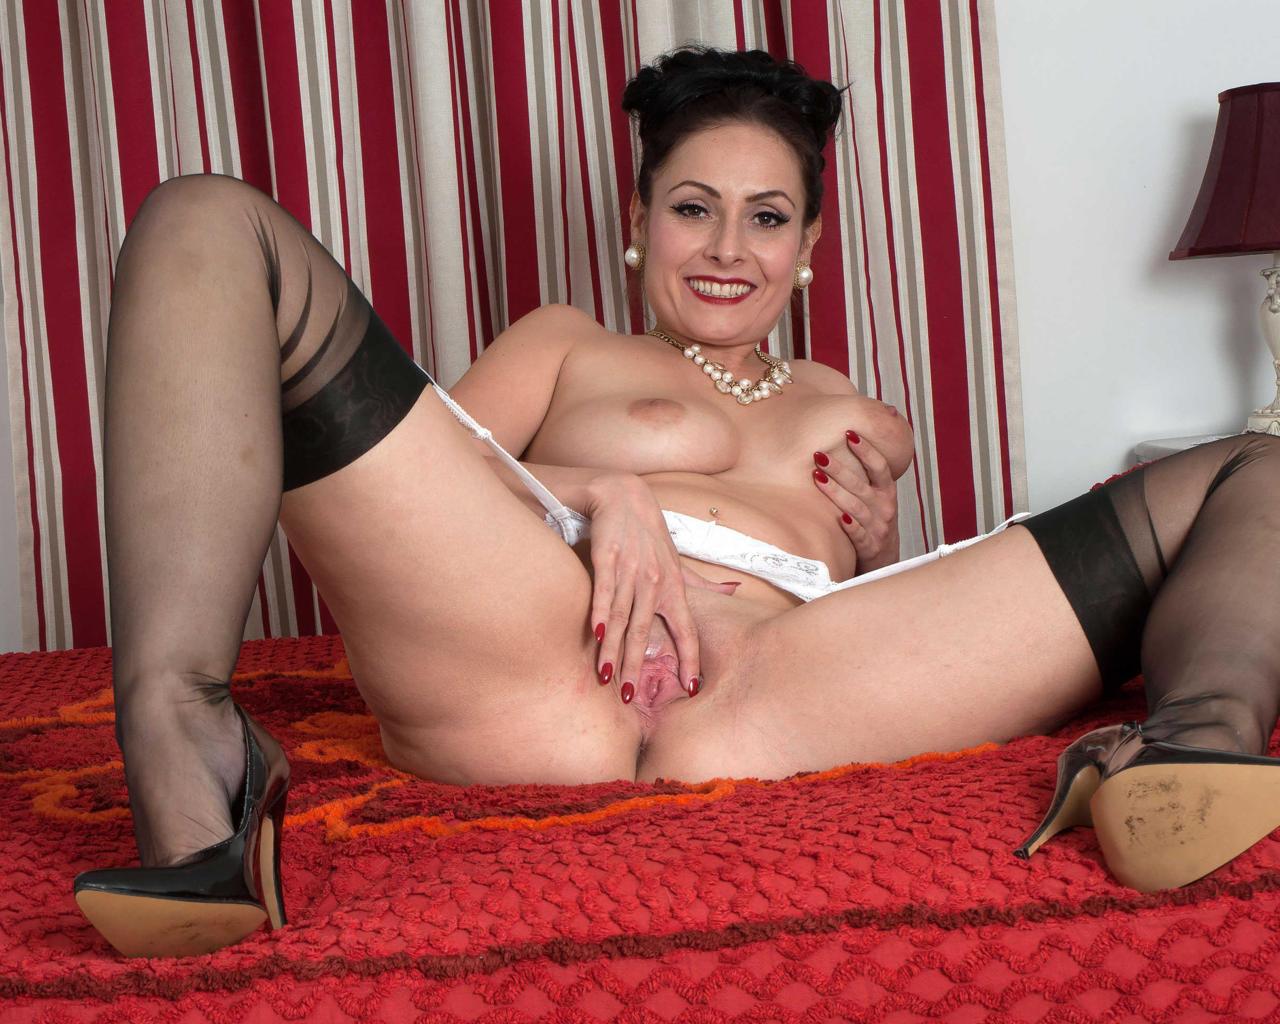 naked mom spreading leg